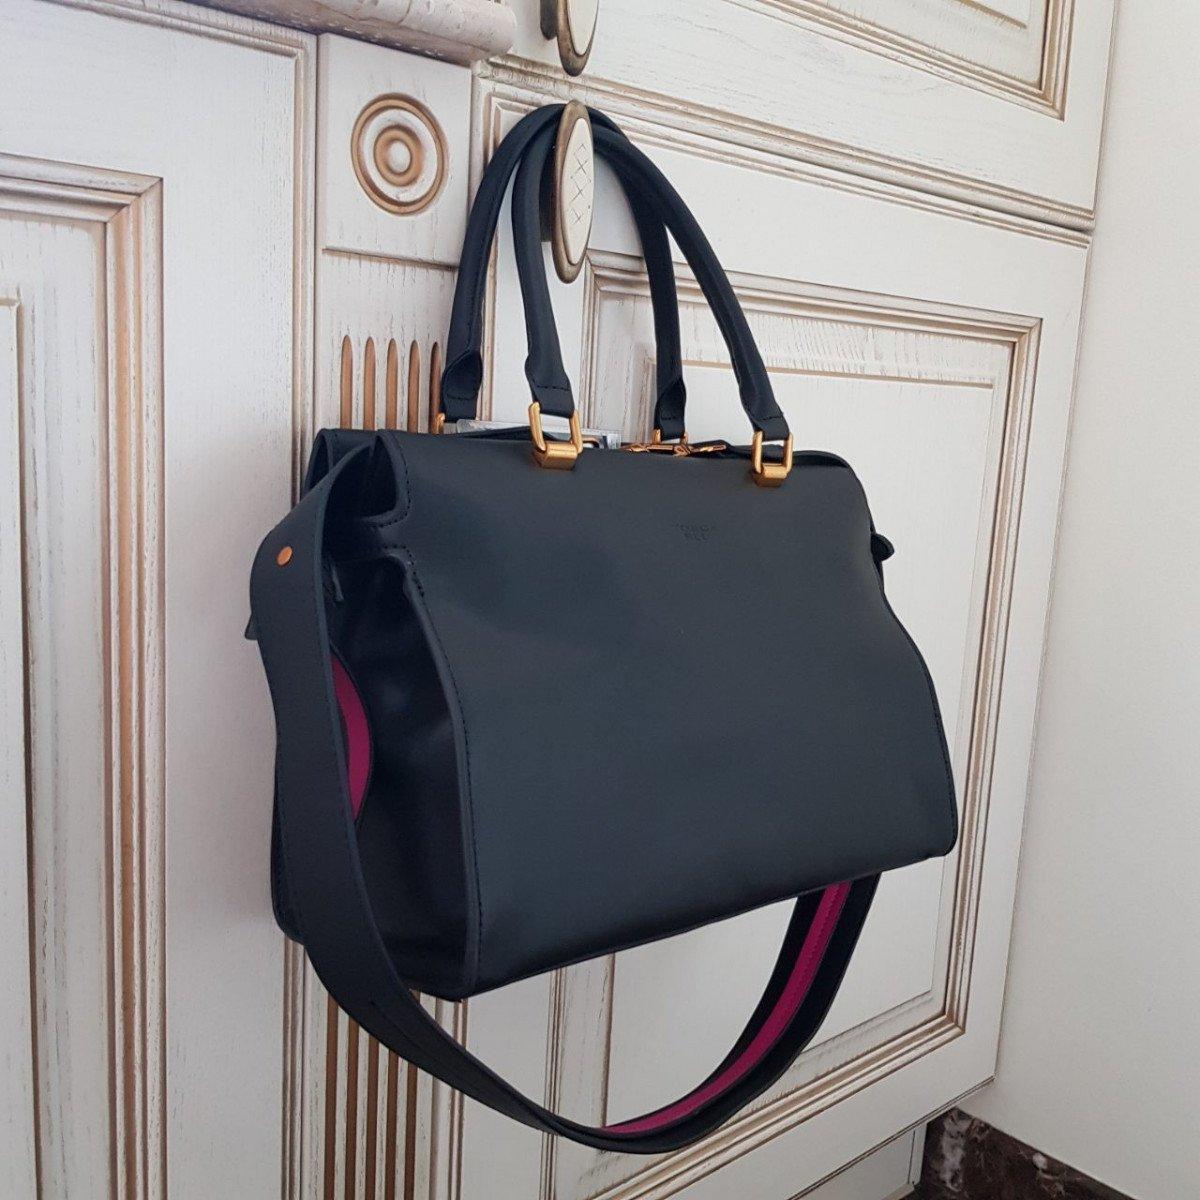 Женская кожаная сумка Tosca Blu TF19PB312 black fuchsia из натуральной кожи